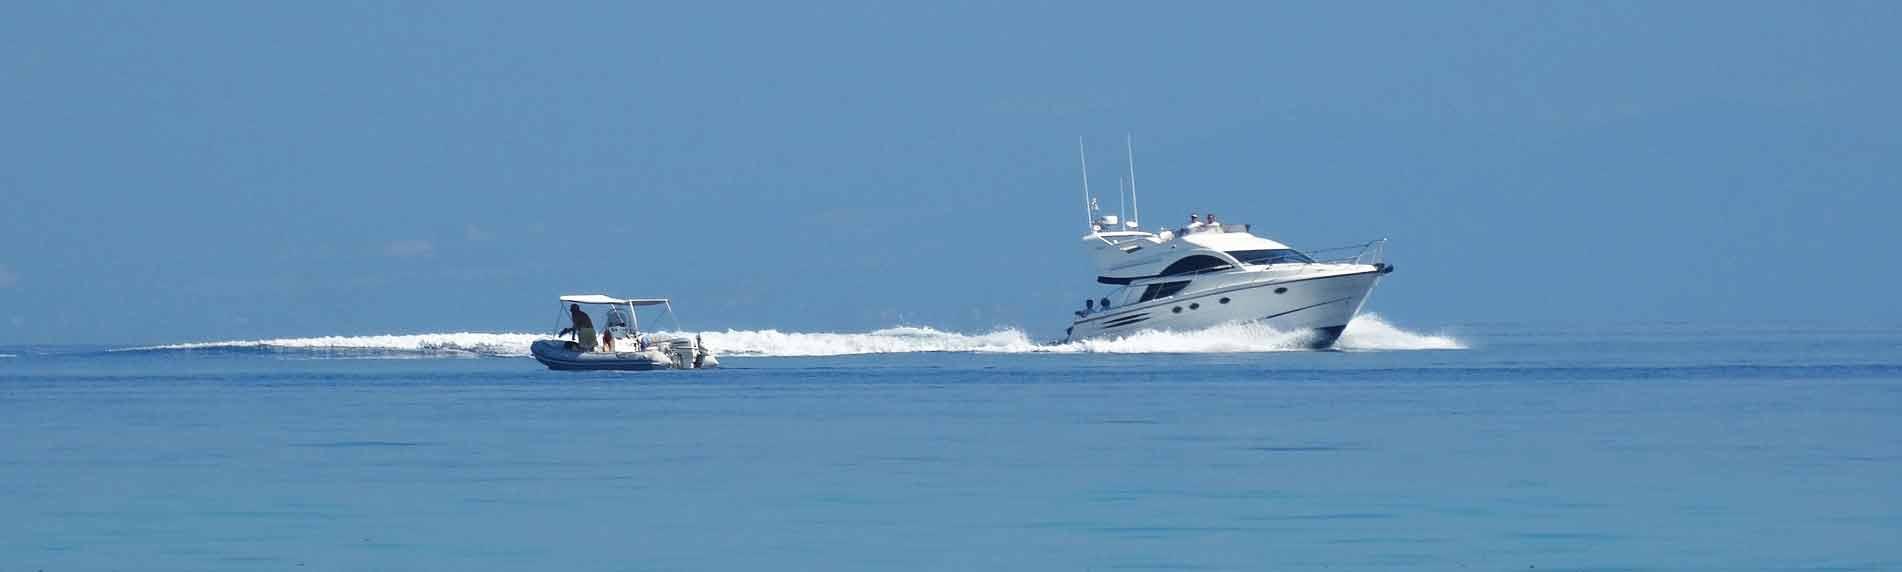 4 hour yacht dubai